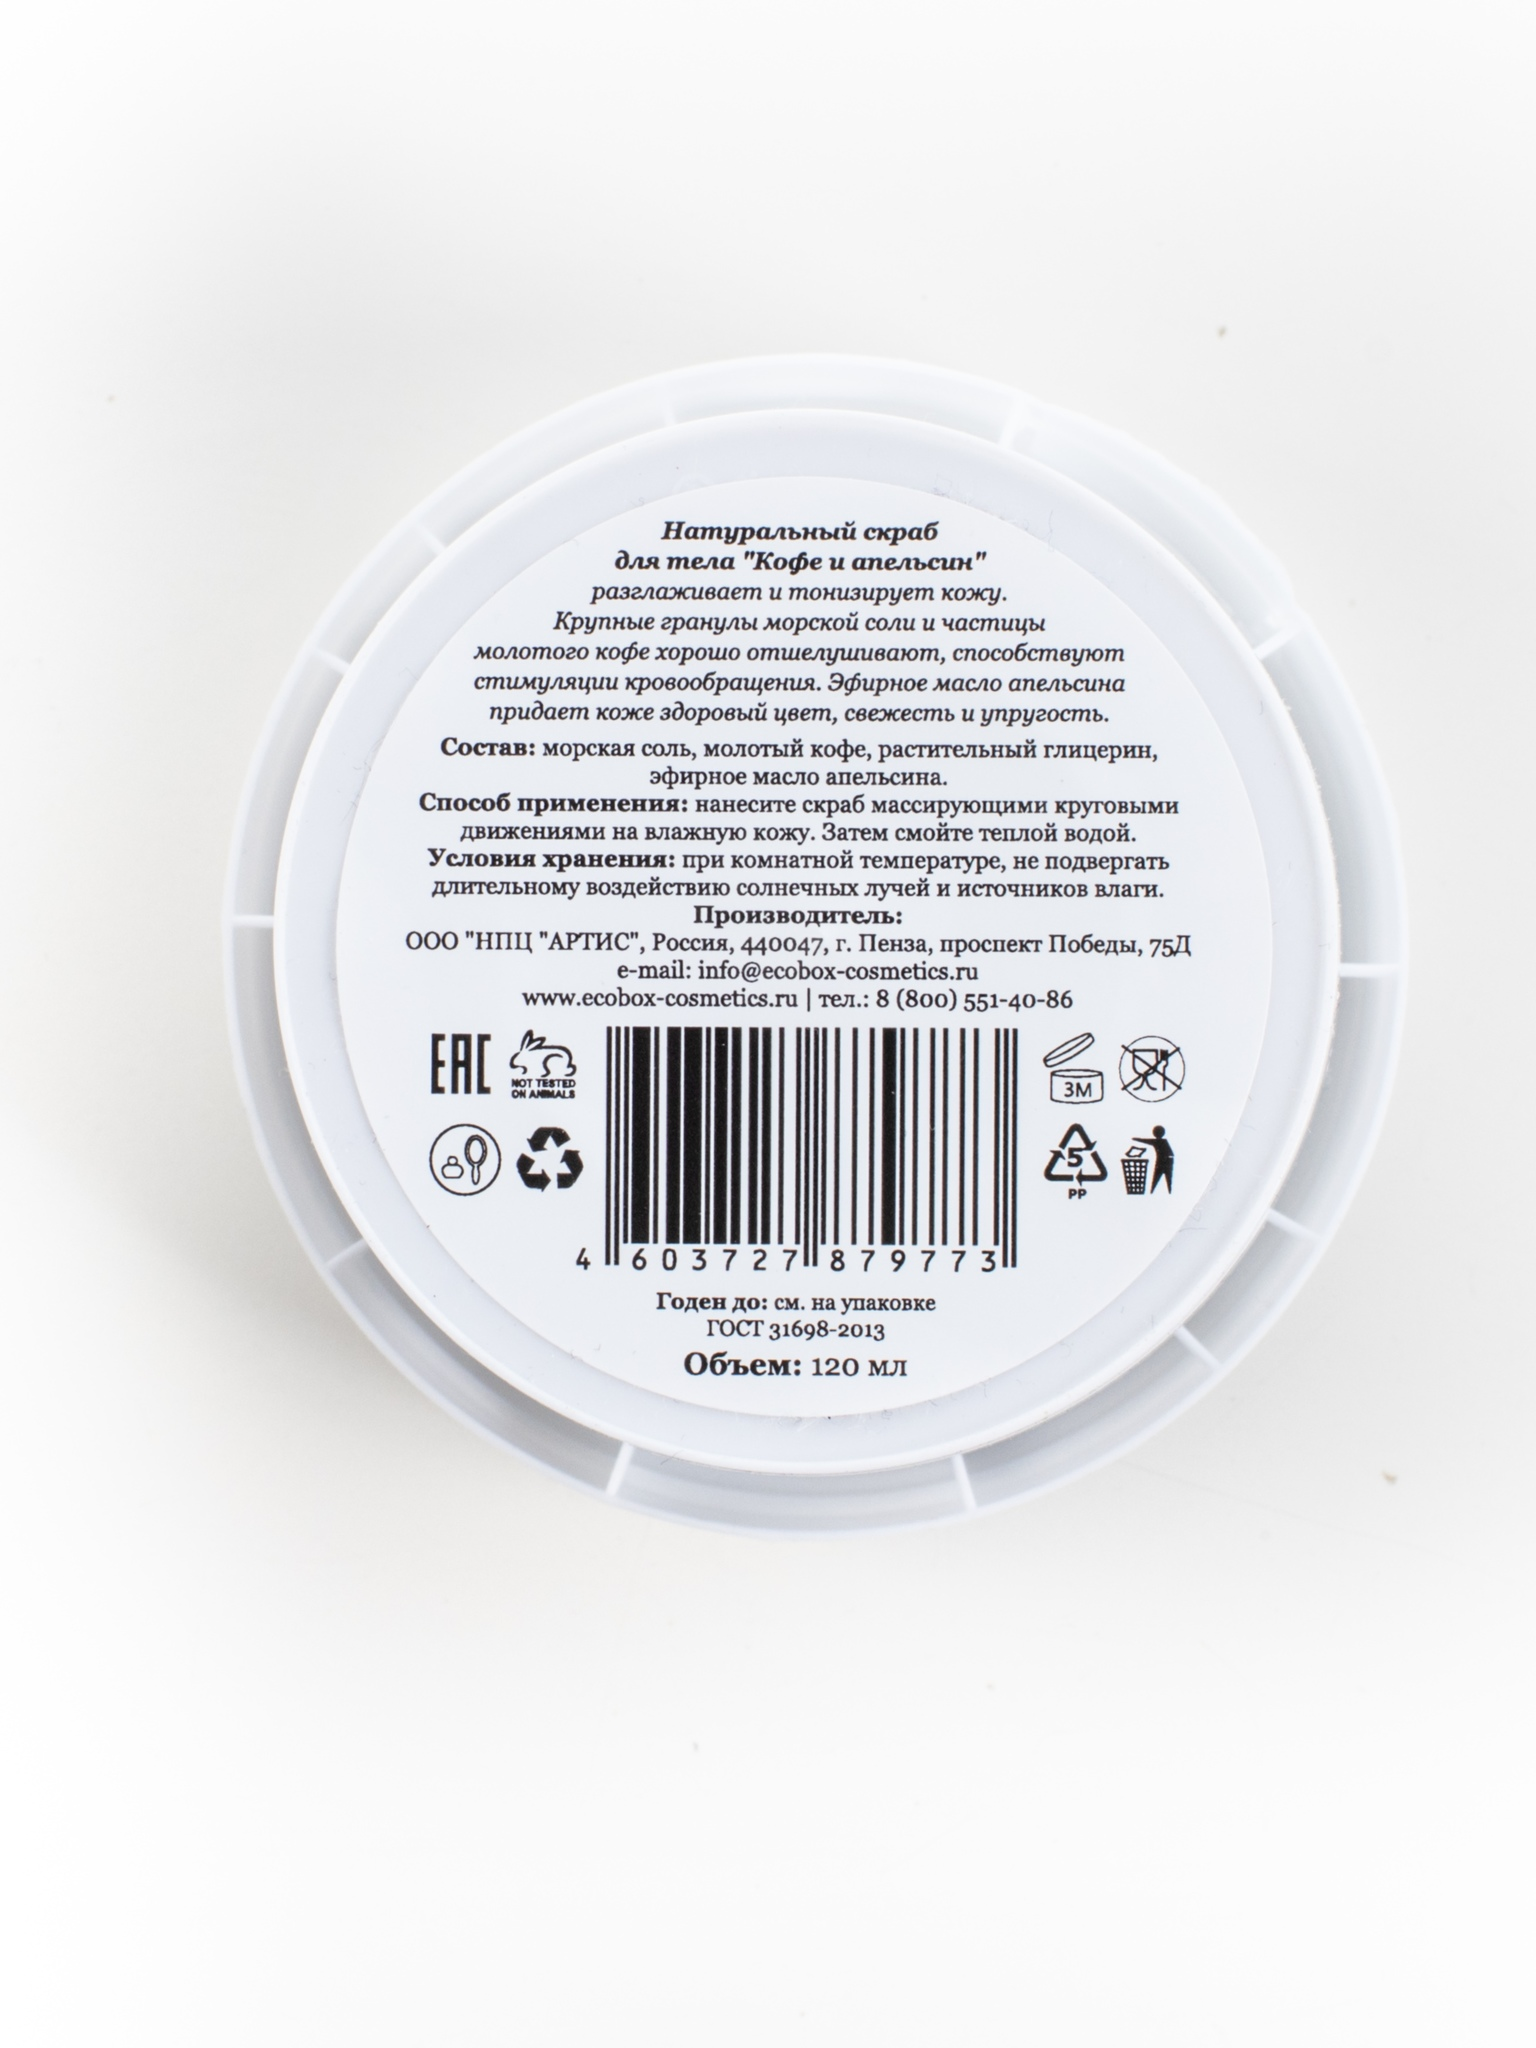 Натуральный скраб для тела Кофе и апельсин ECOBOX